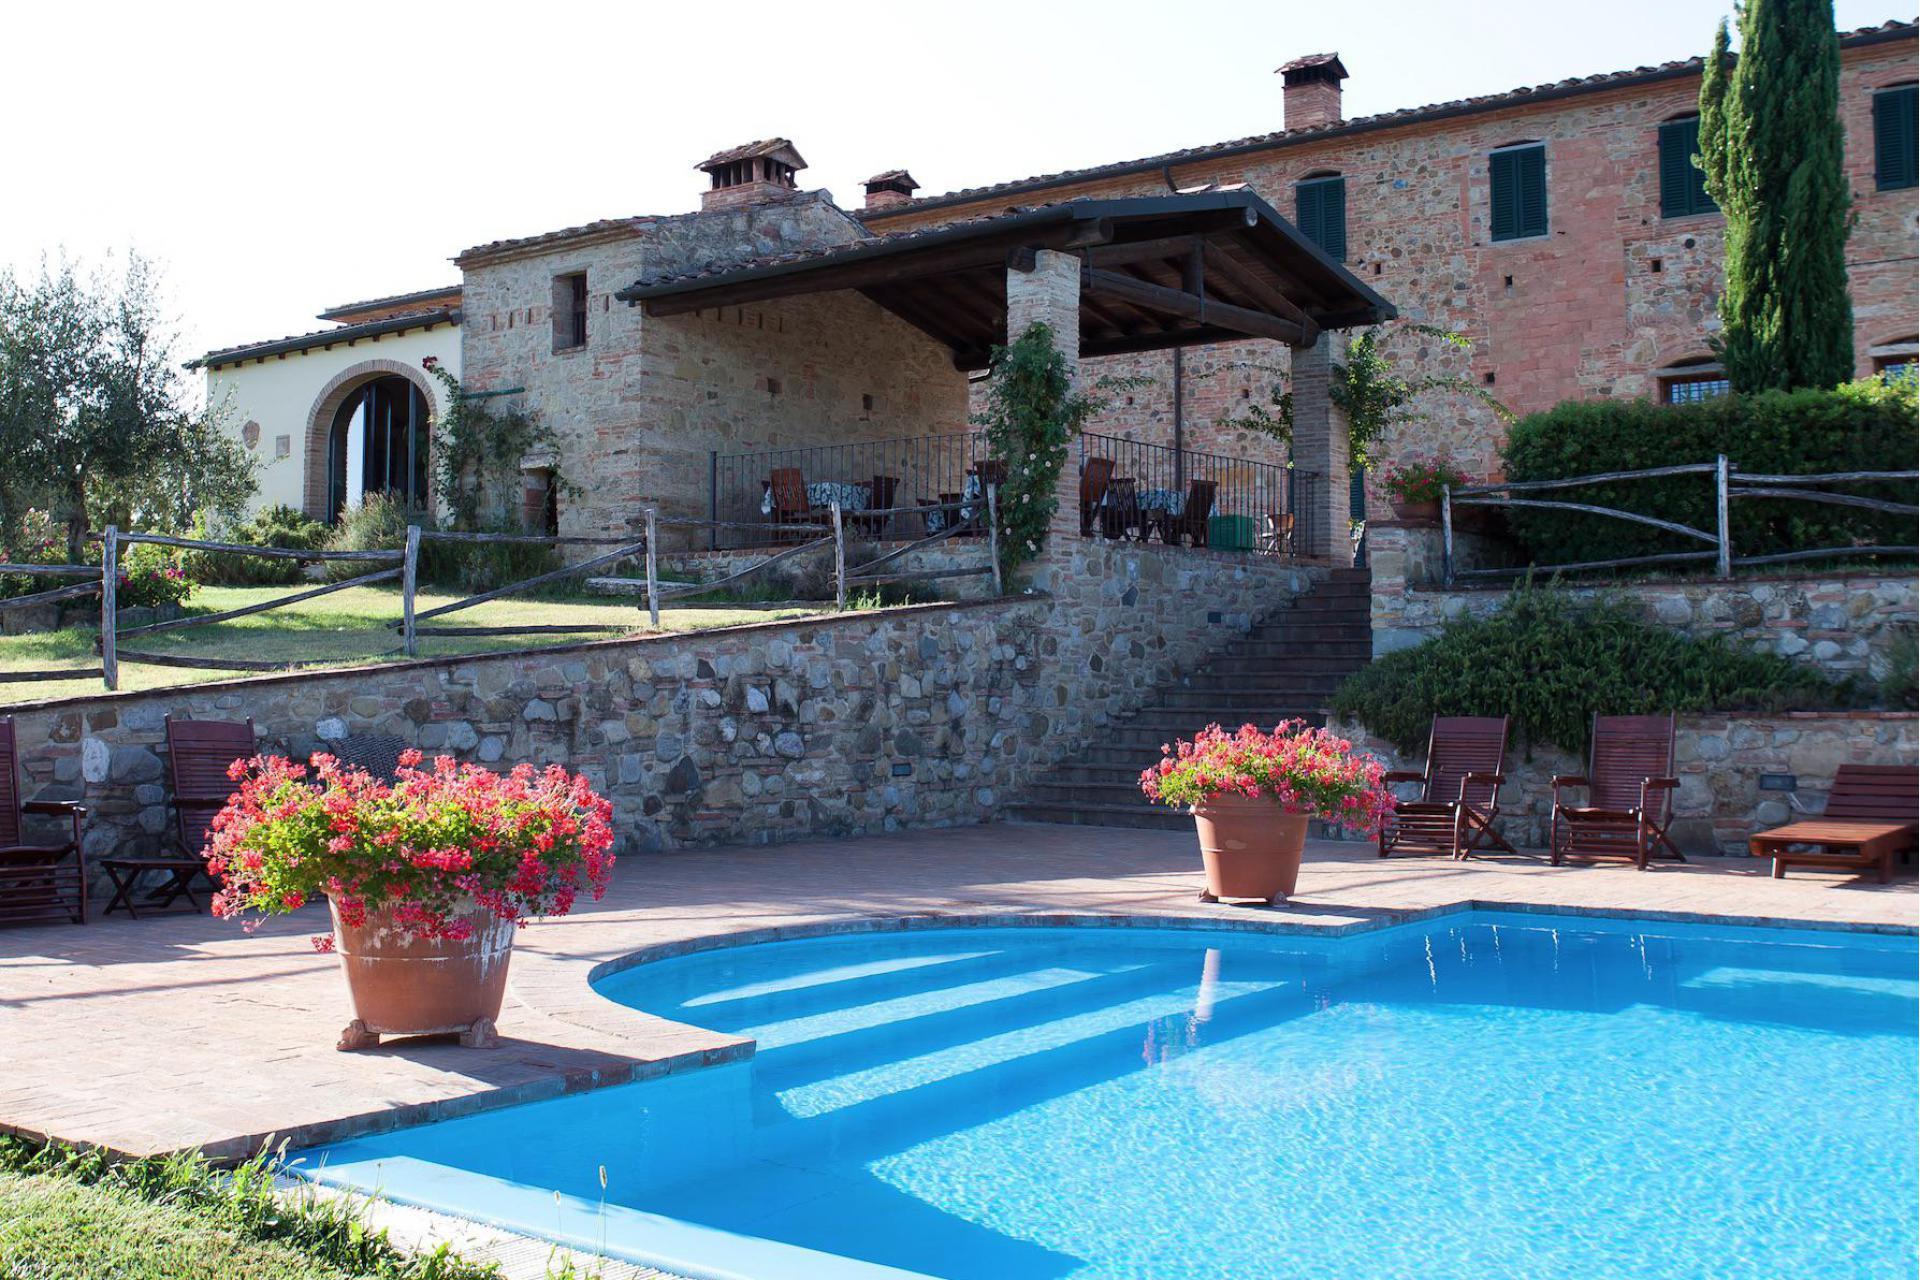 Agriturismo Toskana Agriturismo, Toskana, luxuriöse Wohnungen